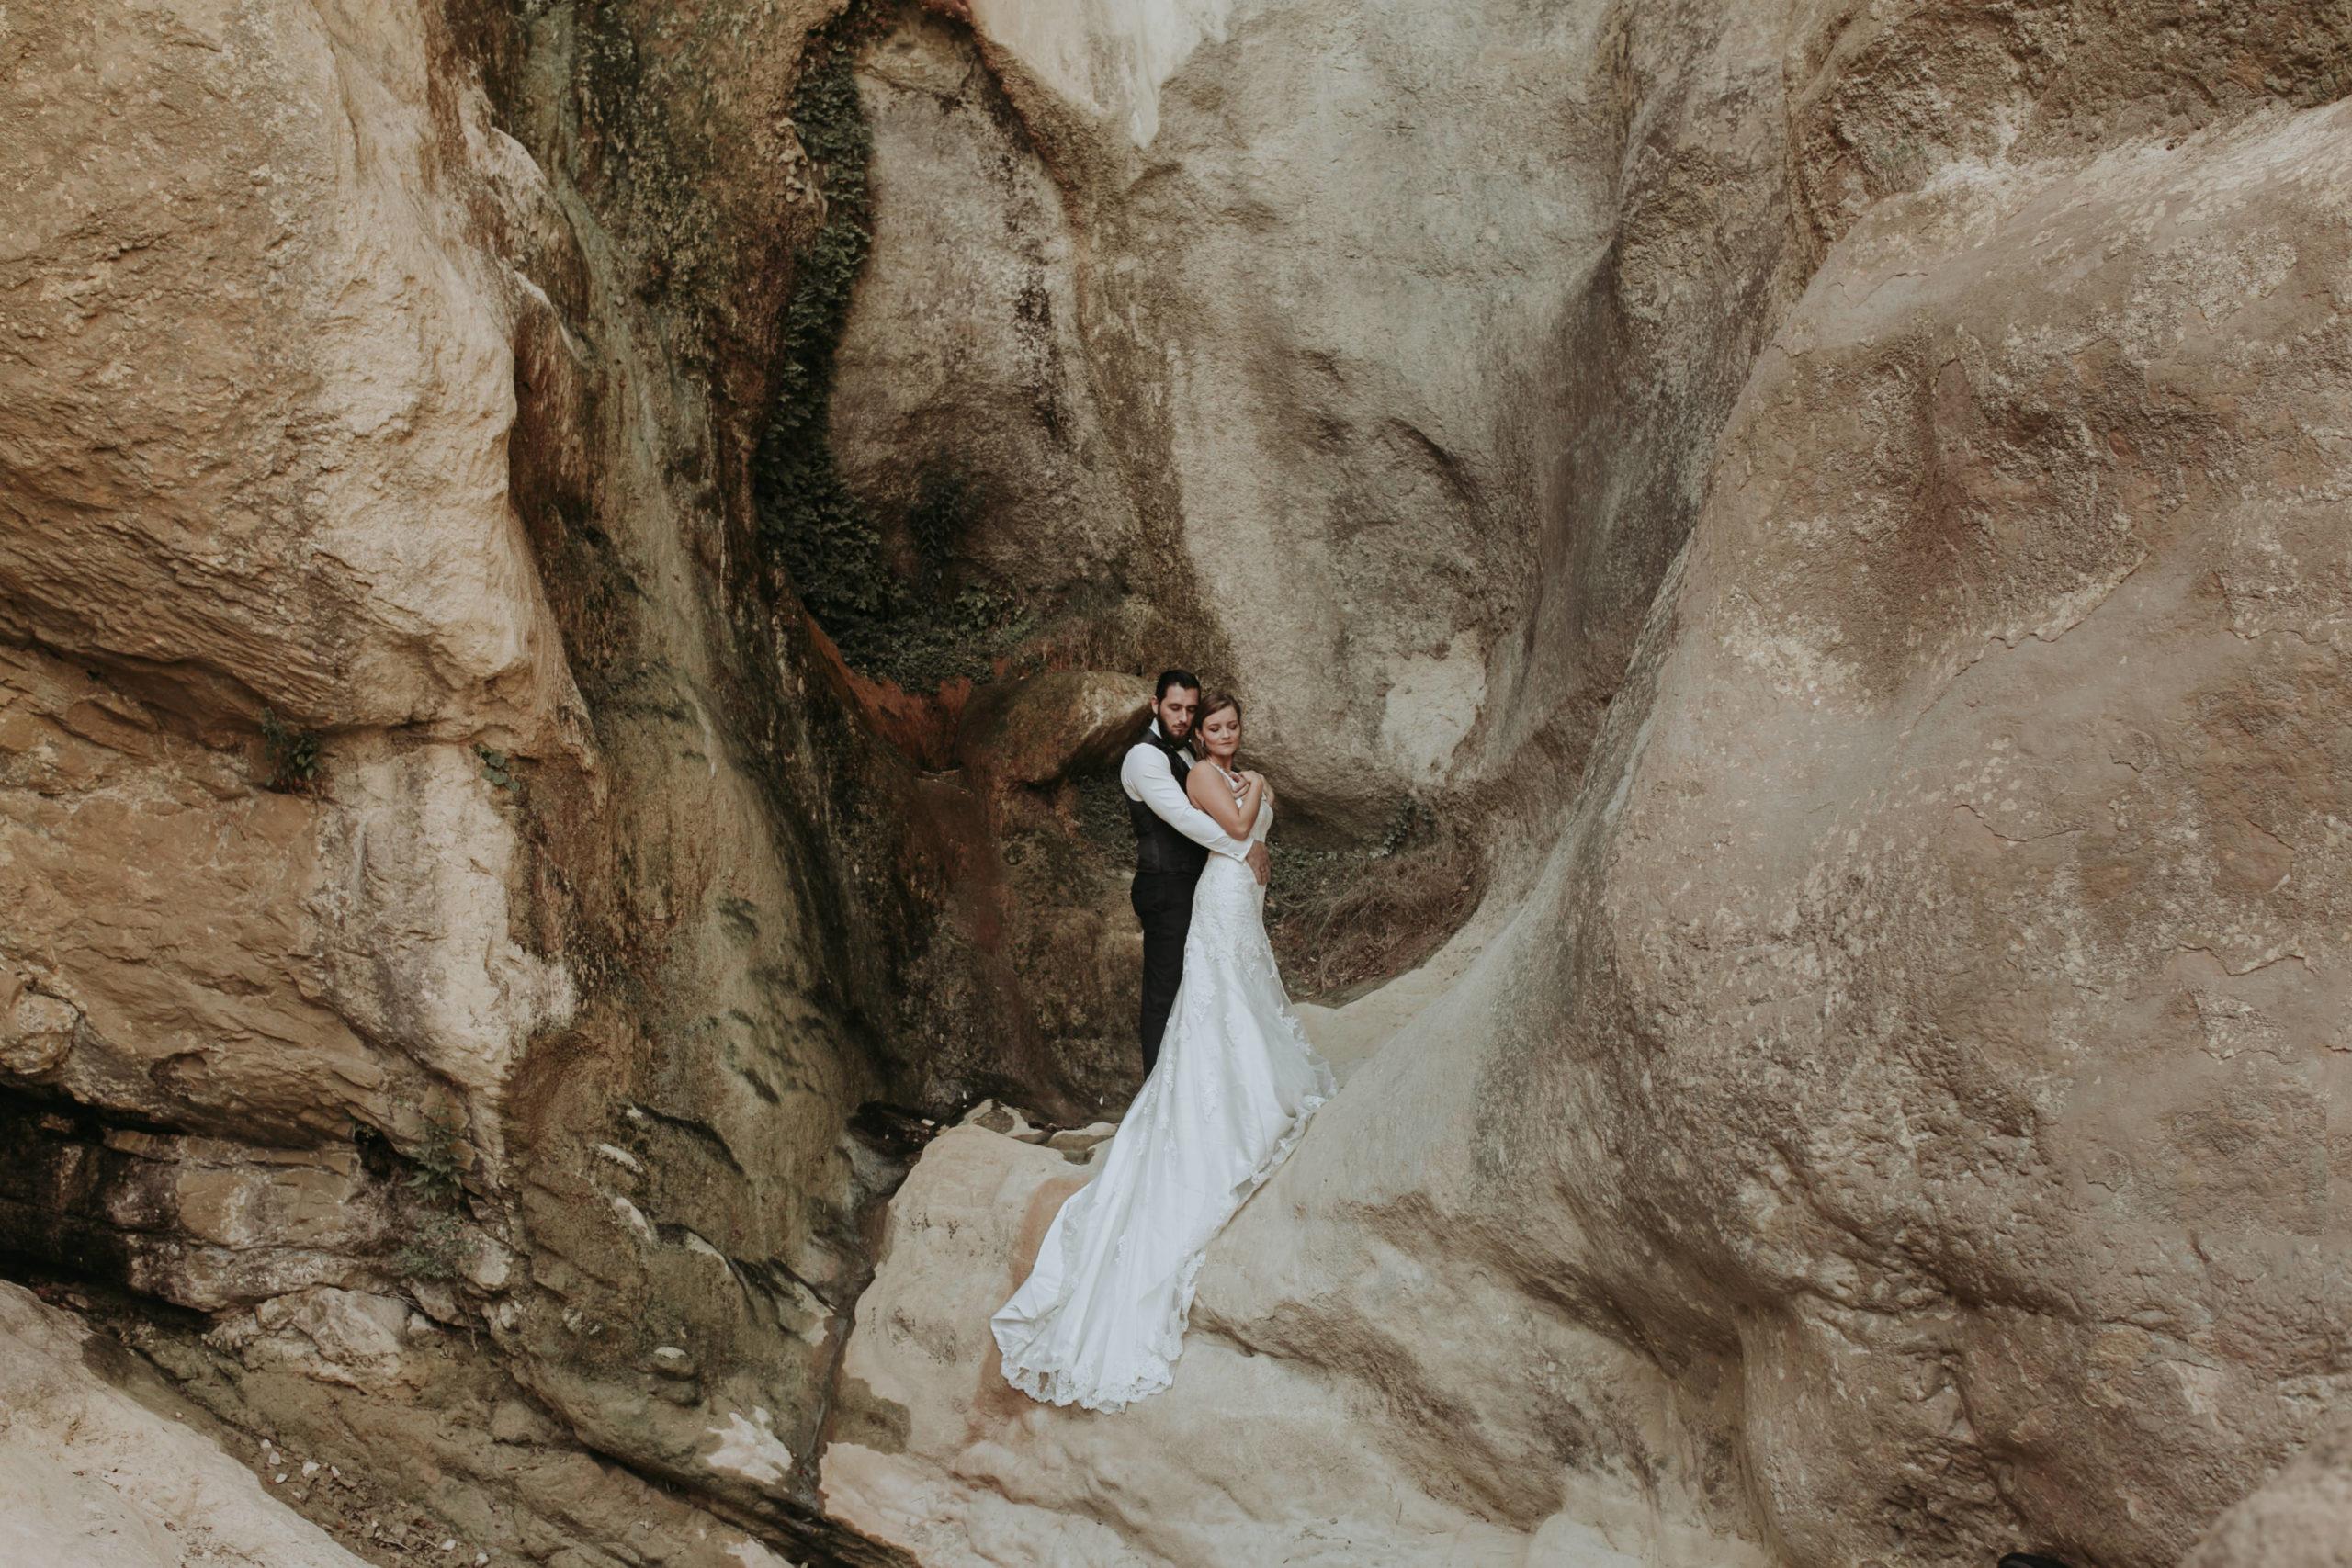 témoignage pour le meilleur photographe de mariage